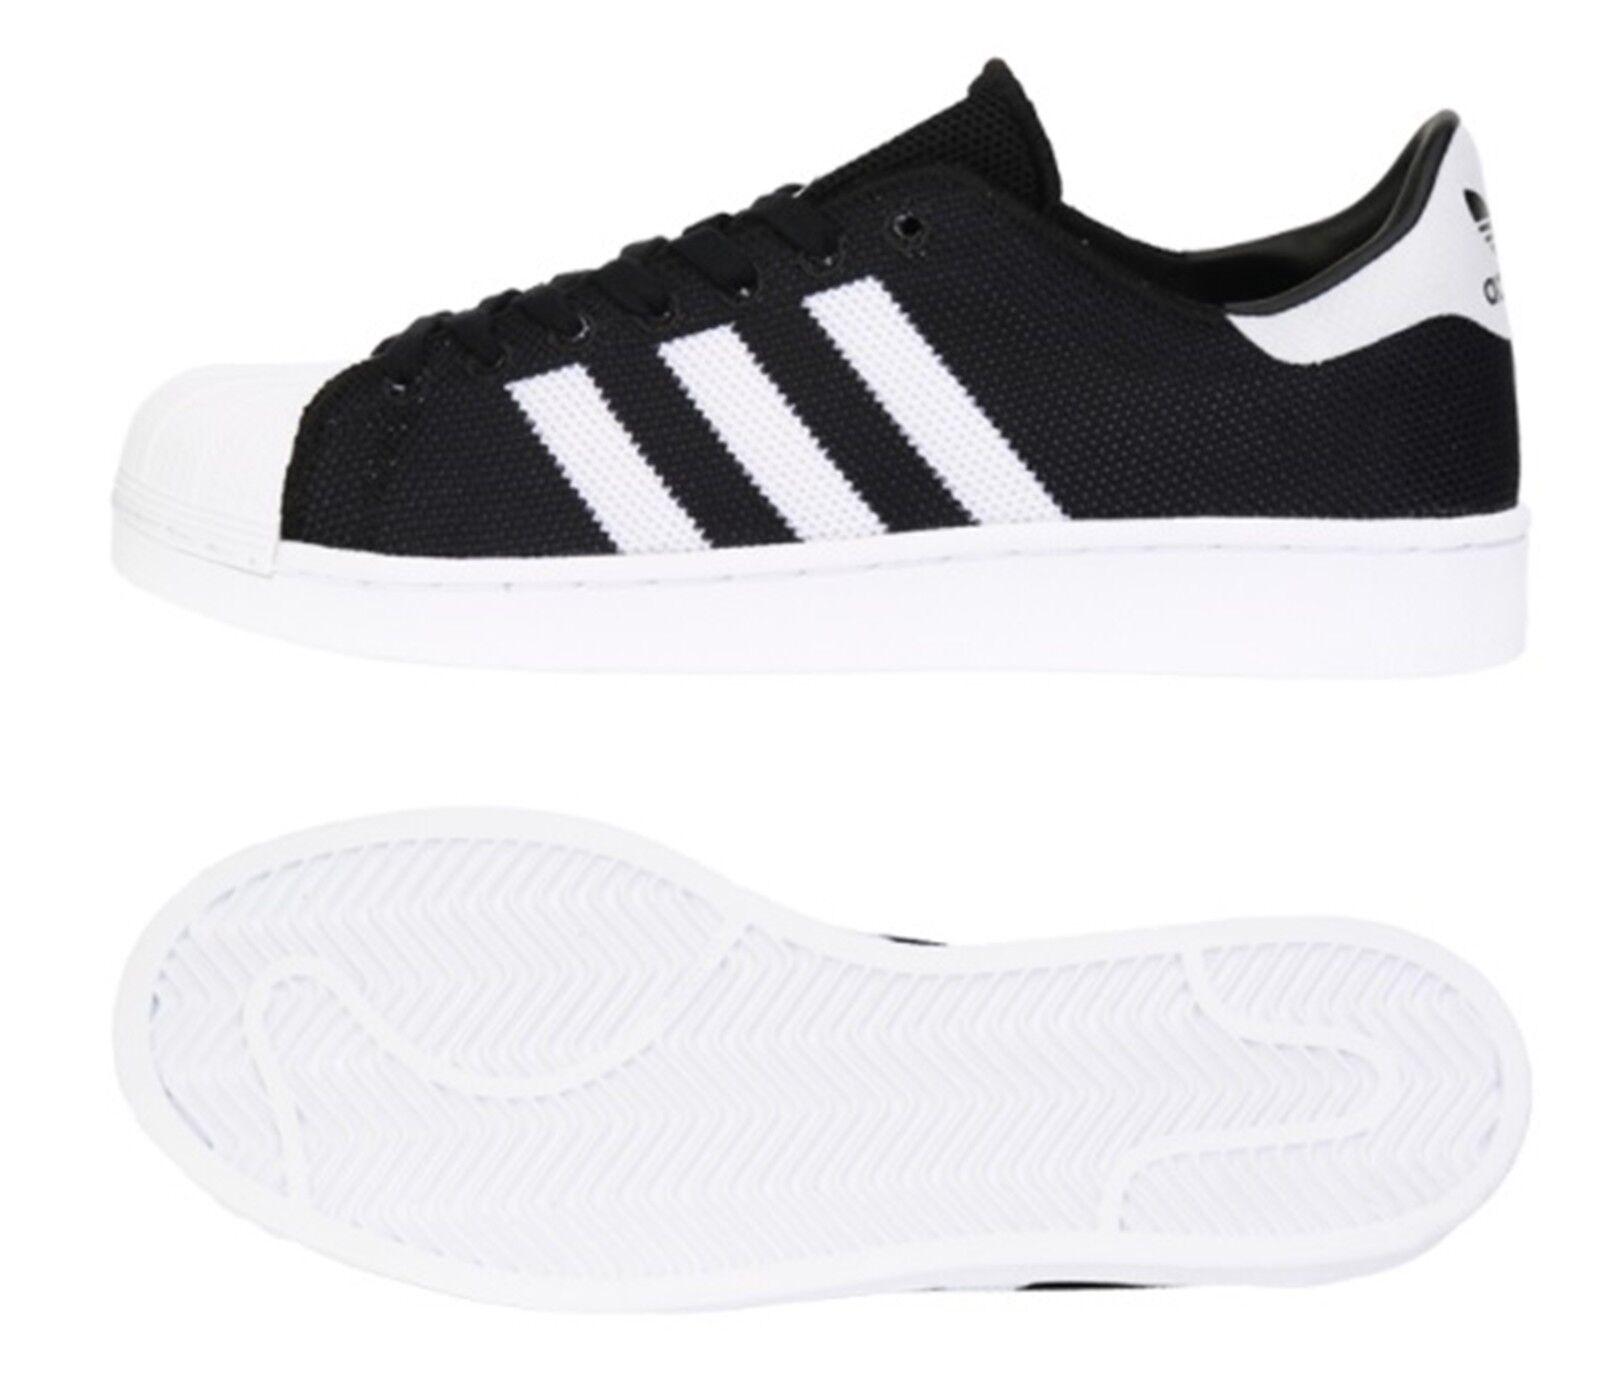 Zapatos De Entrenamiento Adidas Hombres Originales Superstar negro Zapatos tenis de correr BB2234